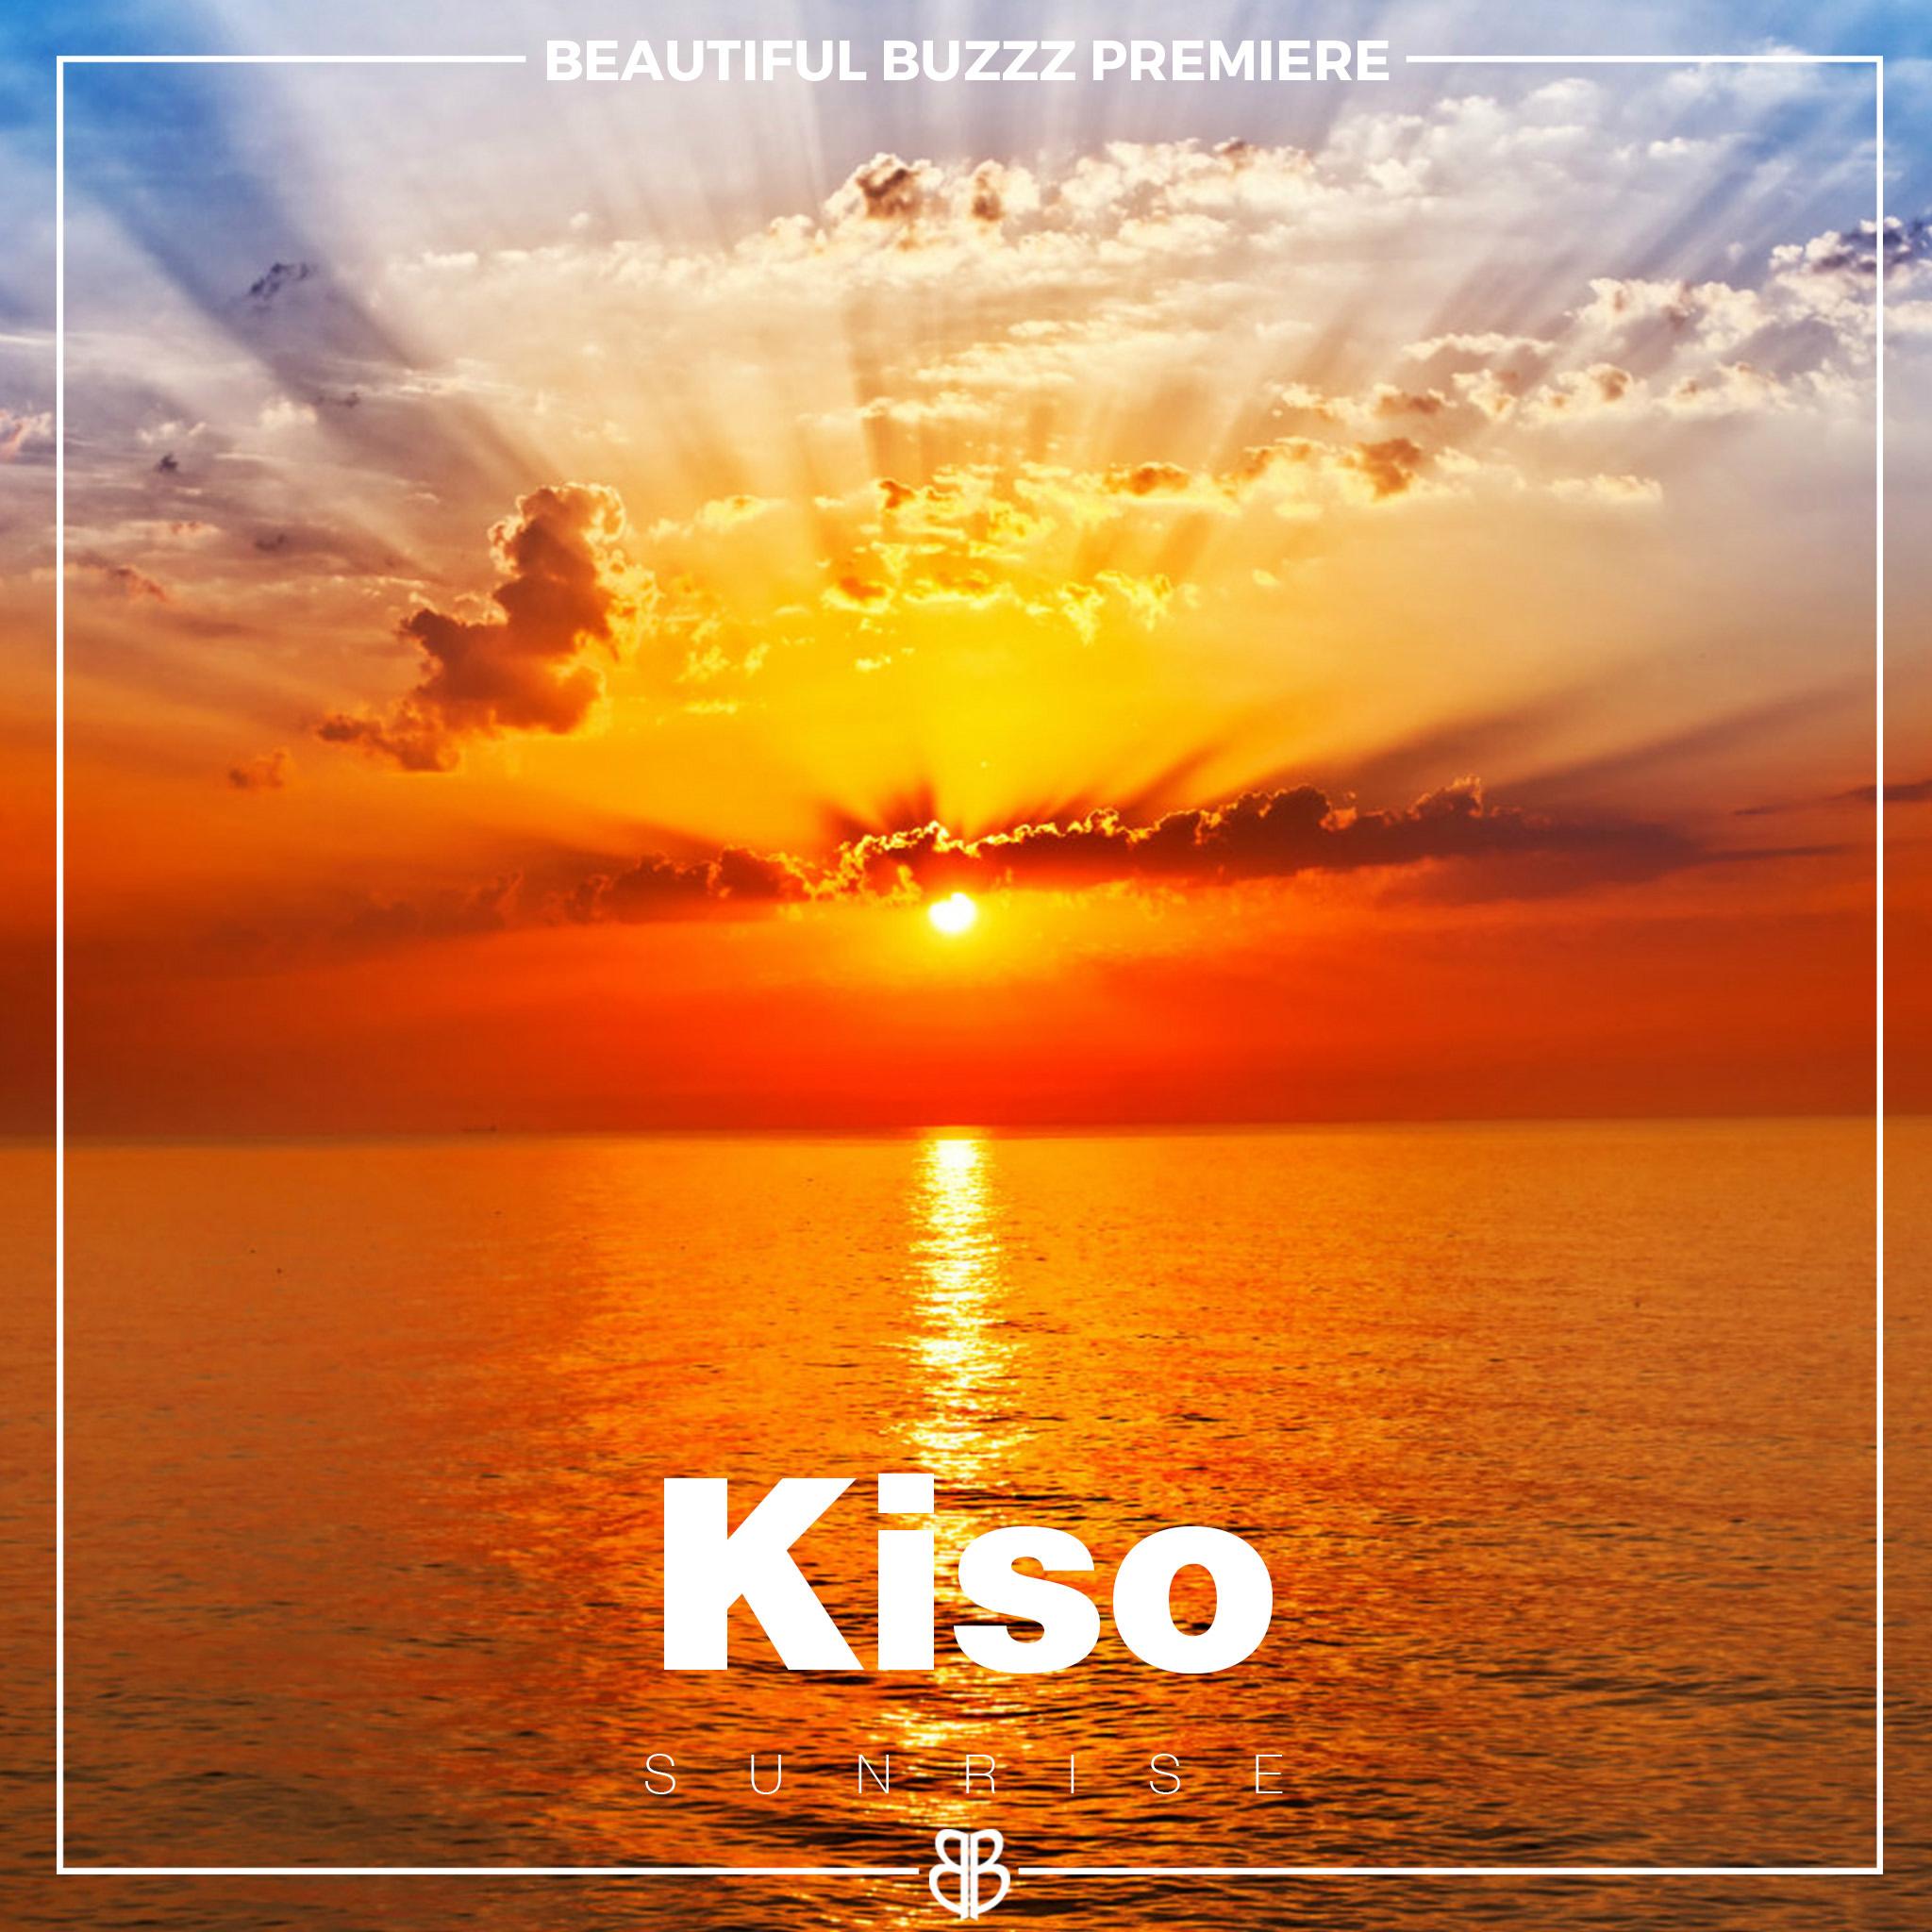 KISO_Cover-Sunrise_Premiere.jpg